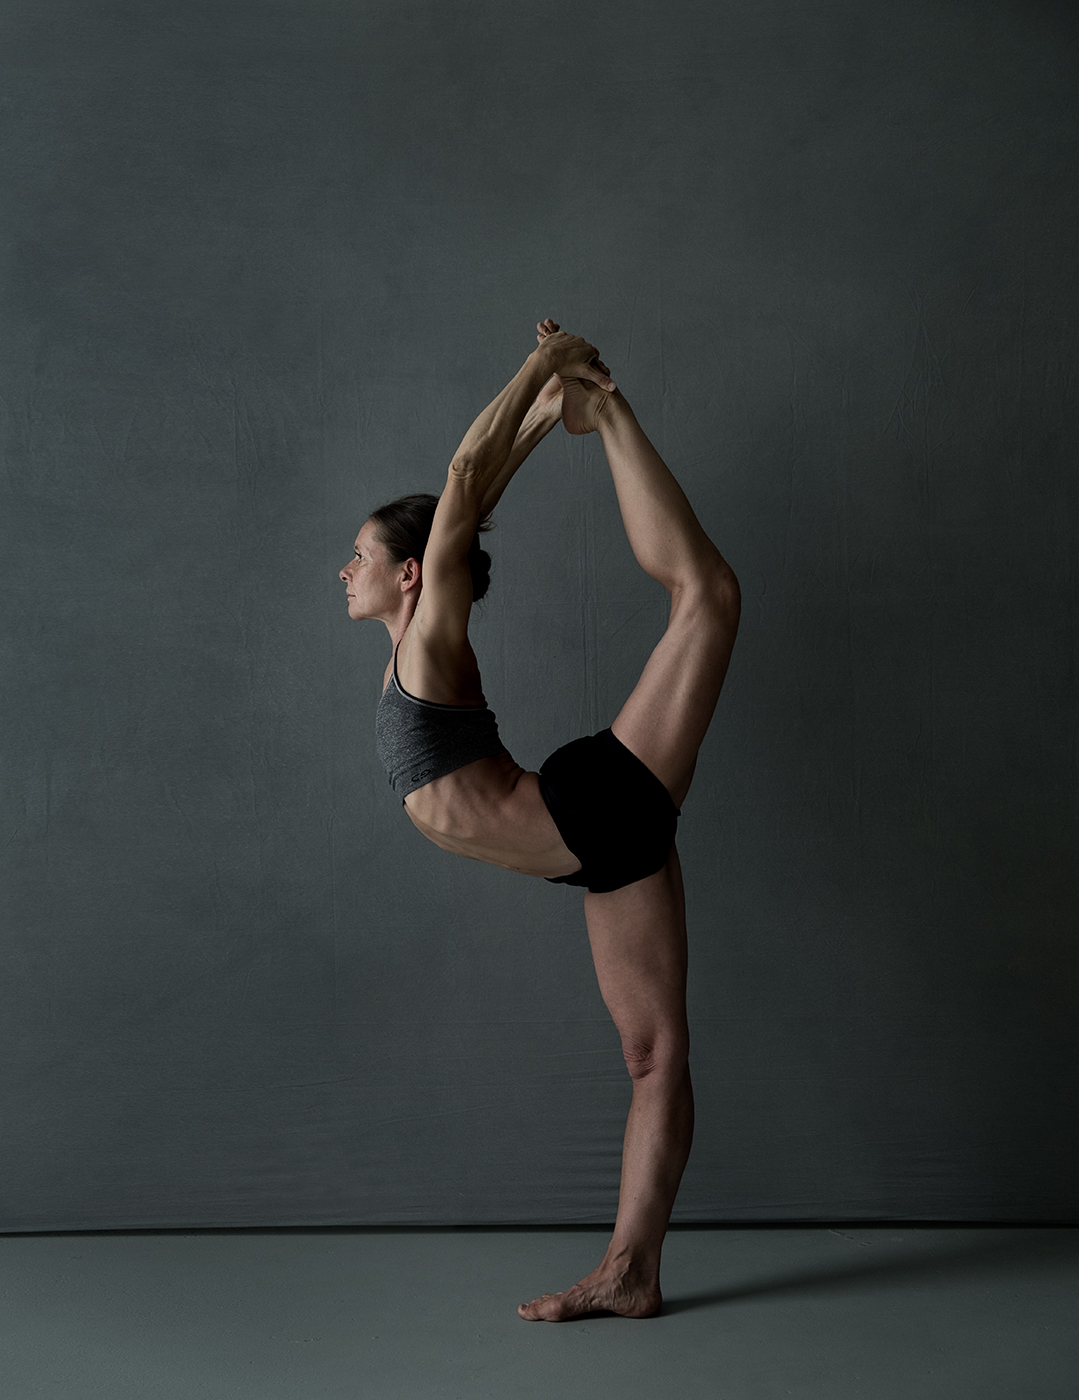 dancer, yoga, Susanne Middelberg